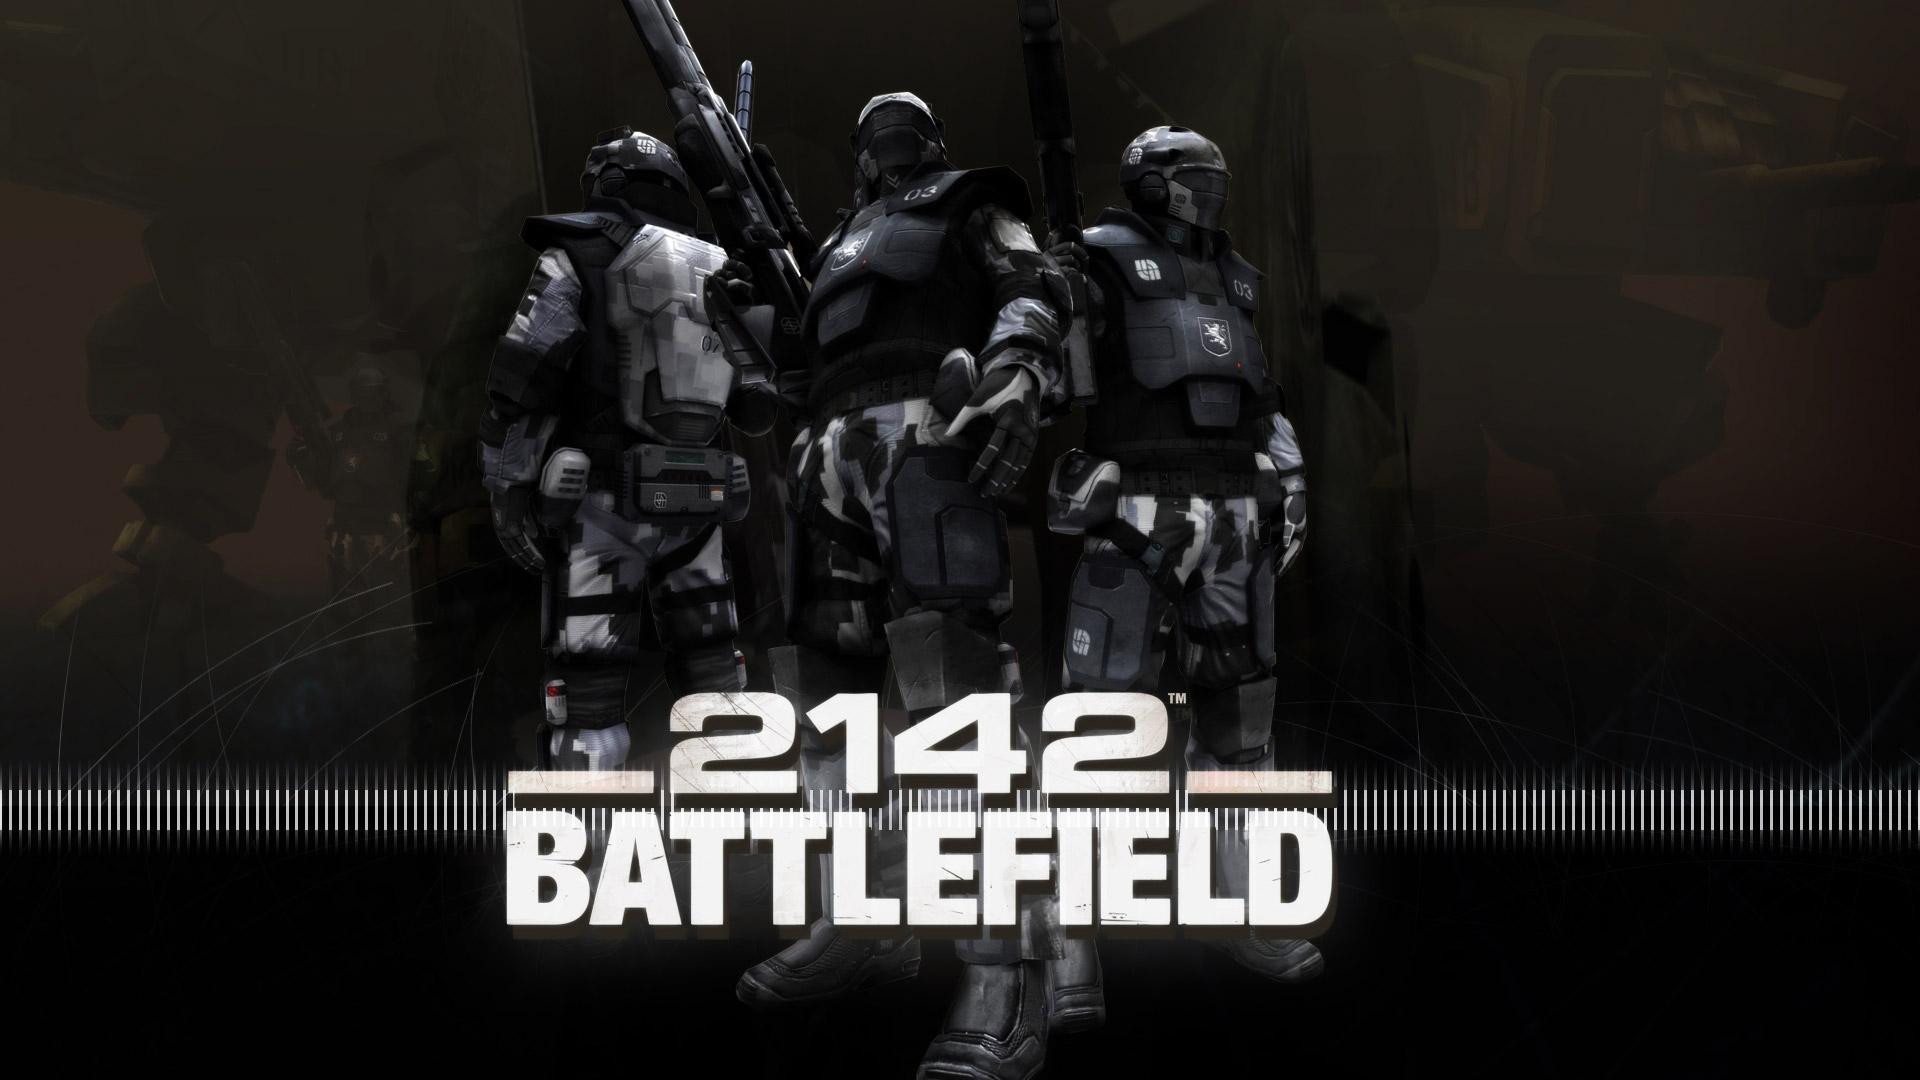 Free Battlefield 2142 Wallpaper in 1920x1080